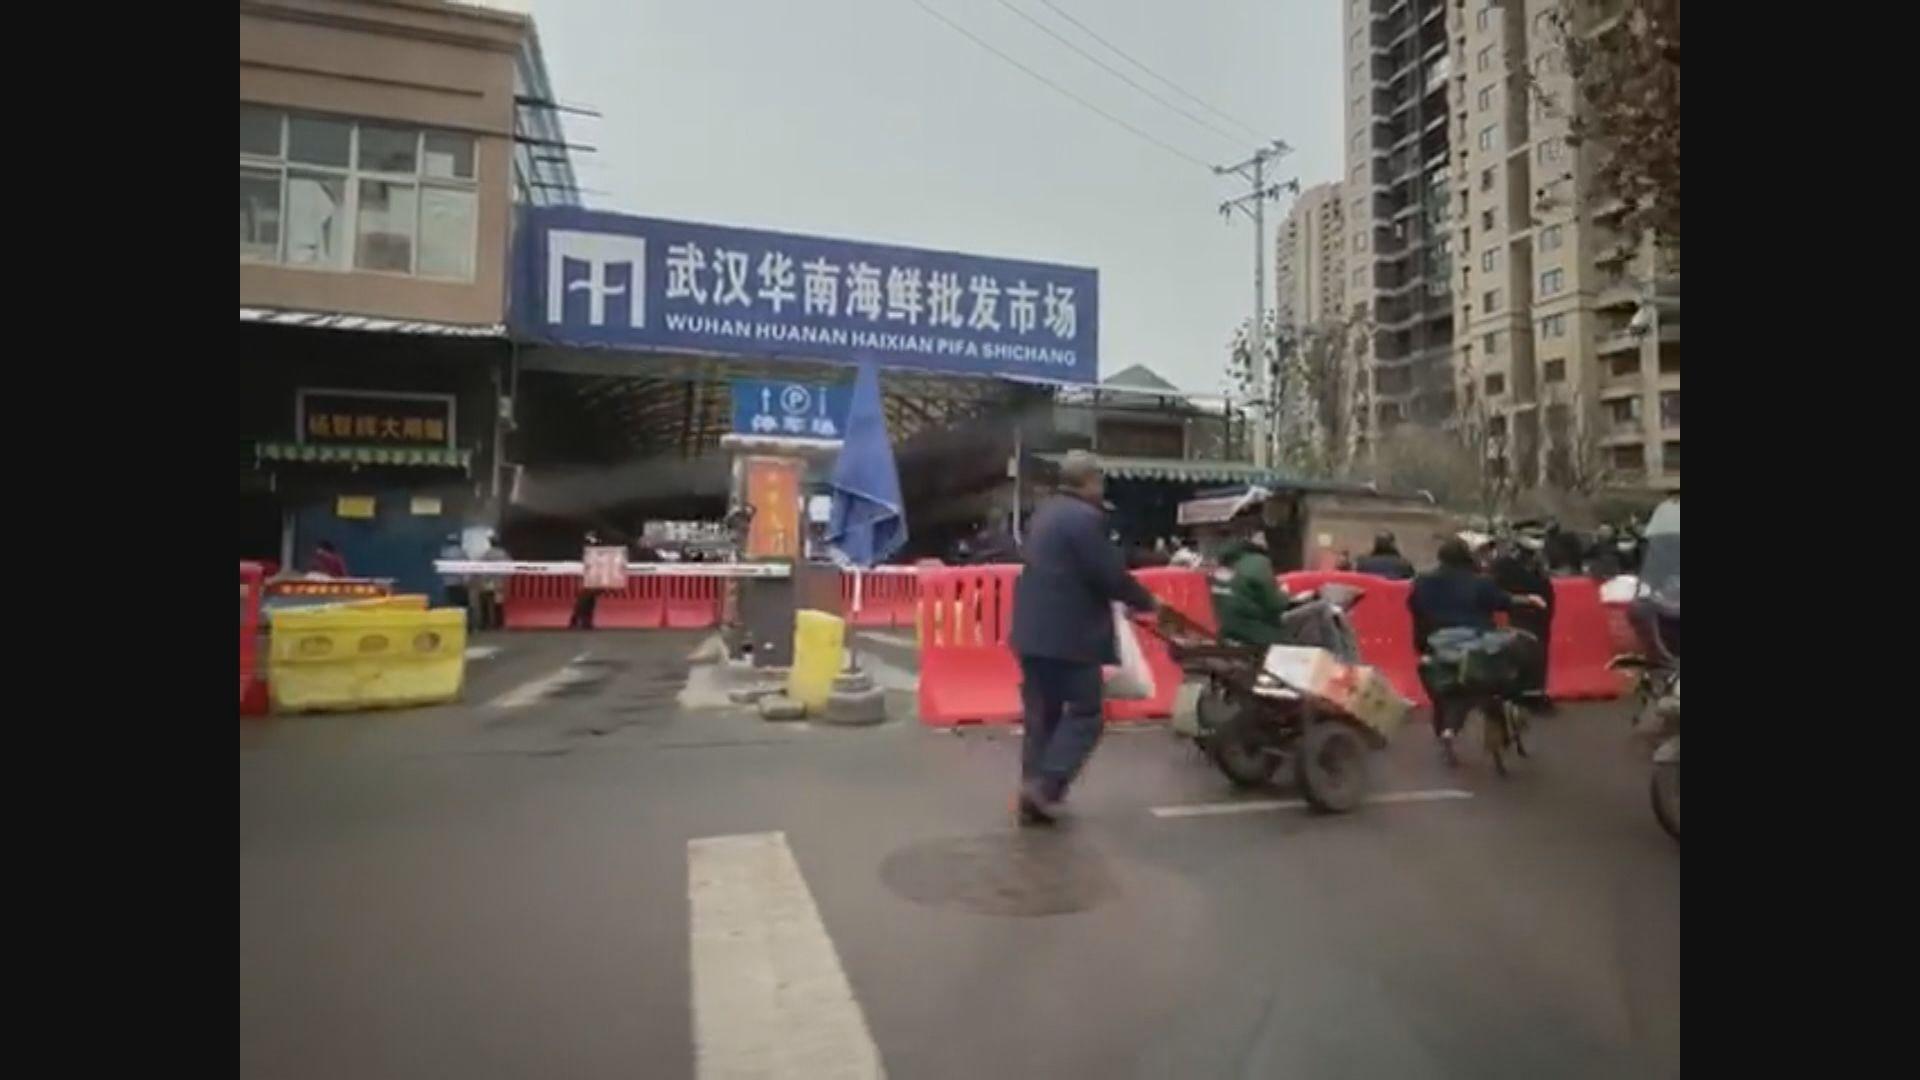 武漢市不明肺炎個案增至59宗 7宗屬重症病例